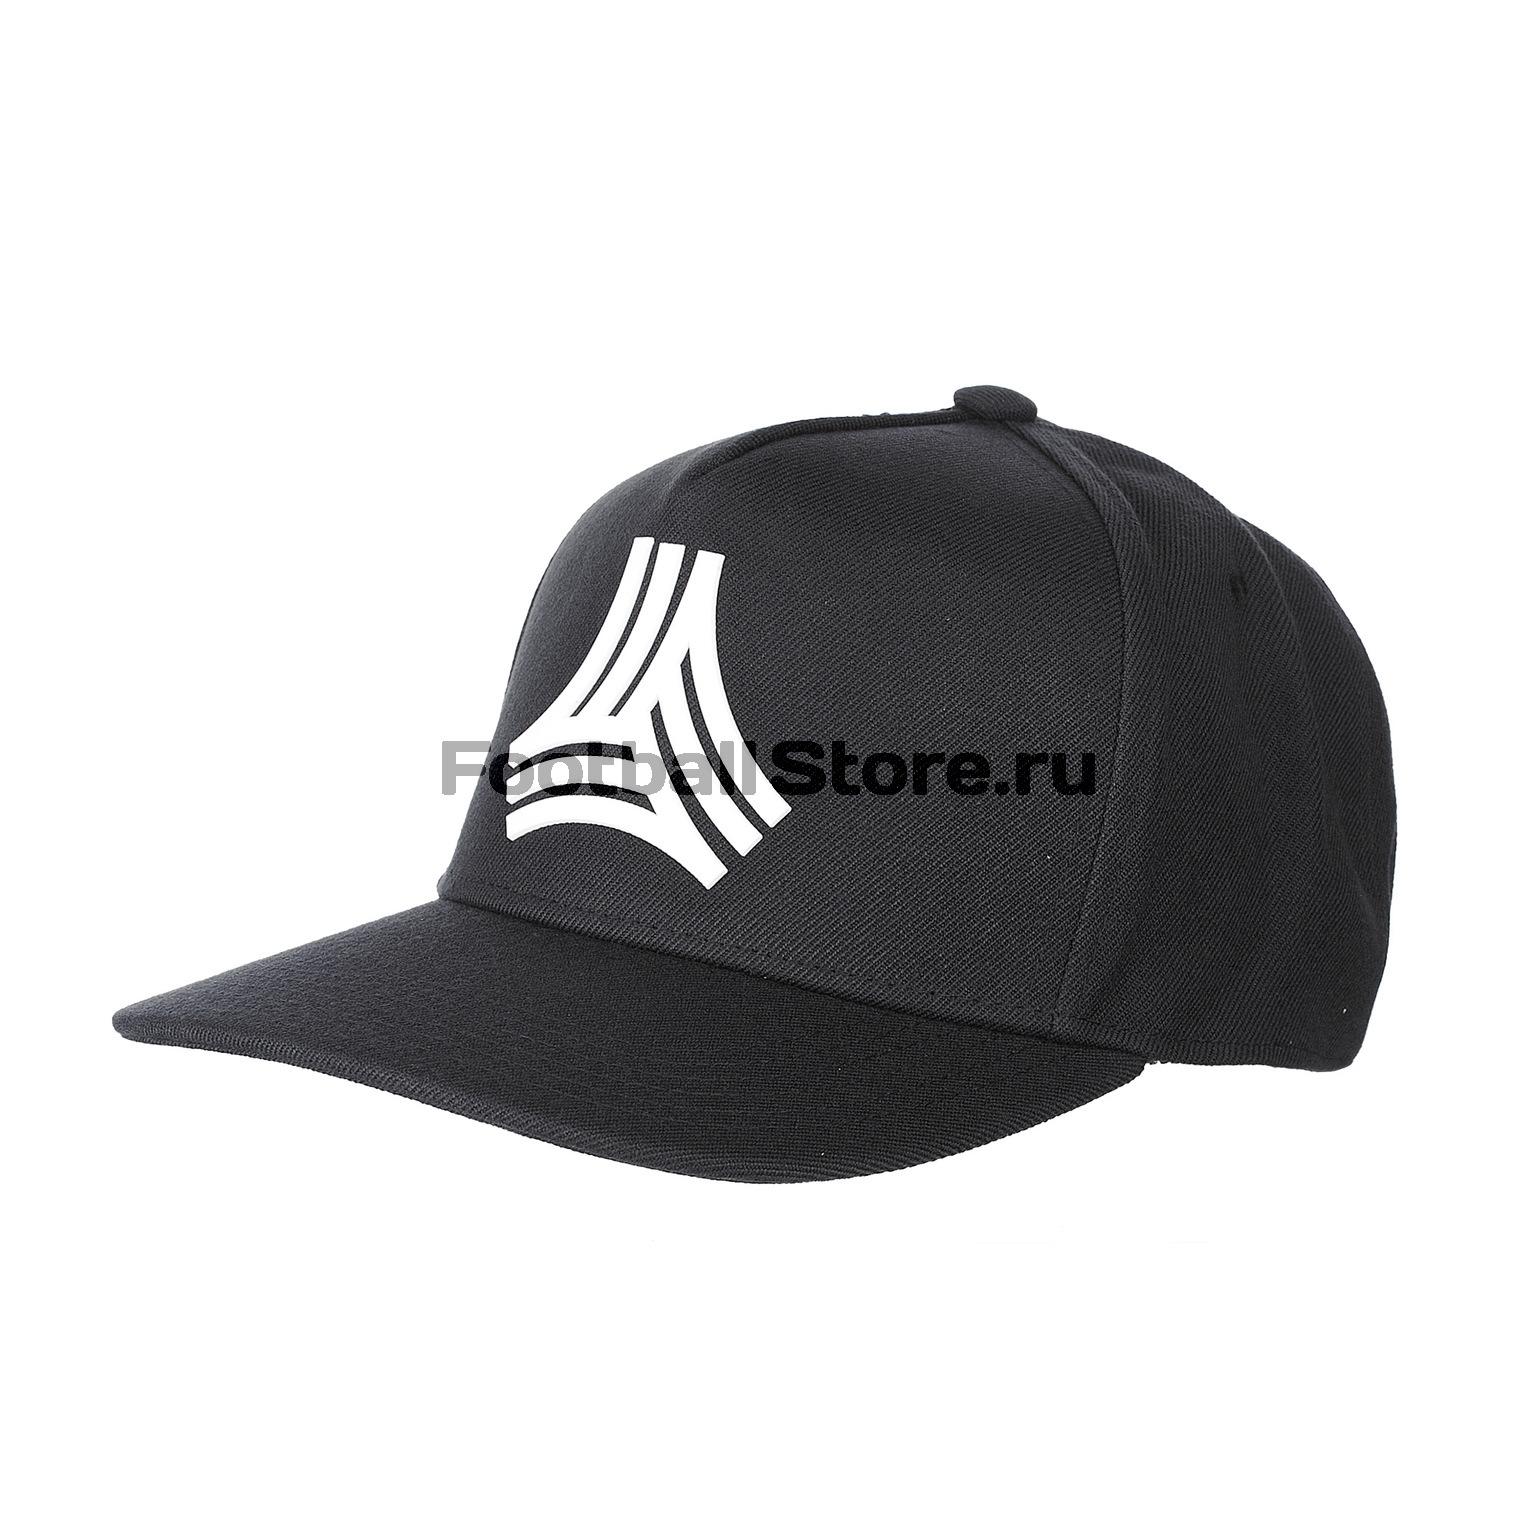 Бейсболка Adidas FS H90 Cap DT5138